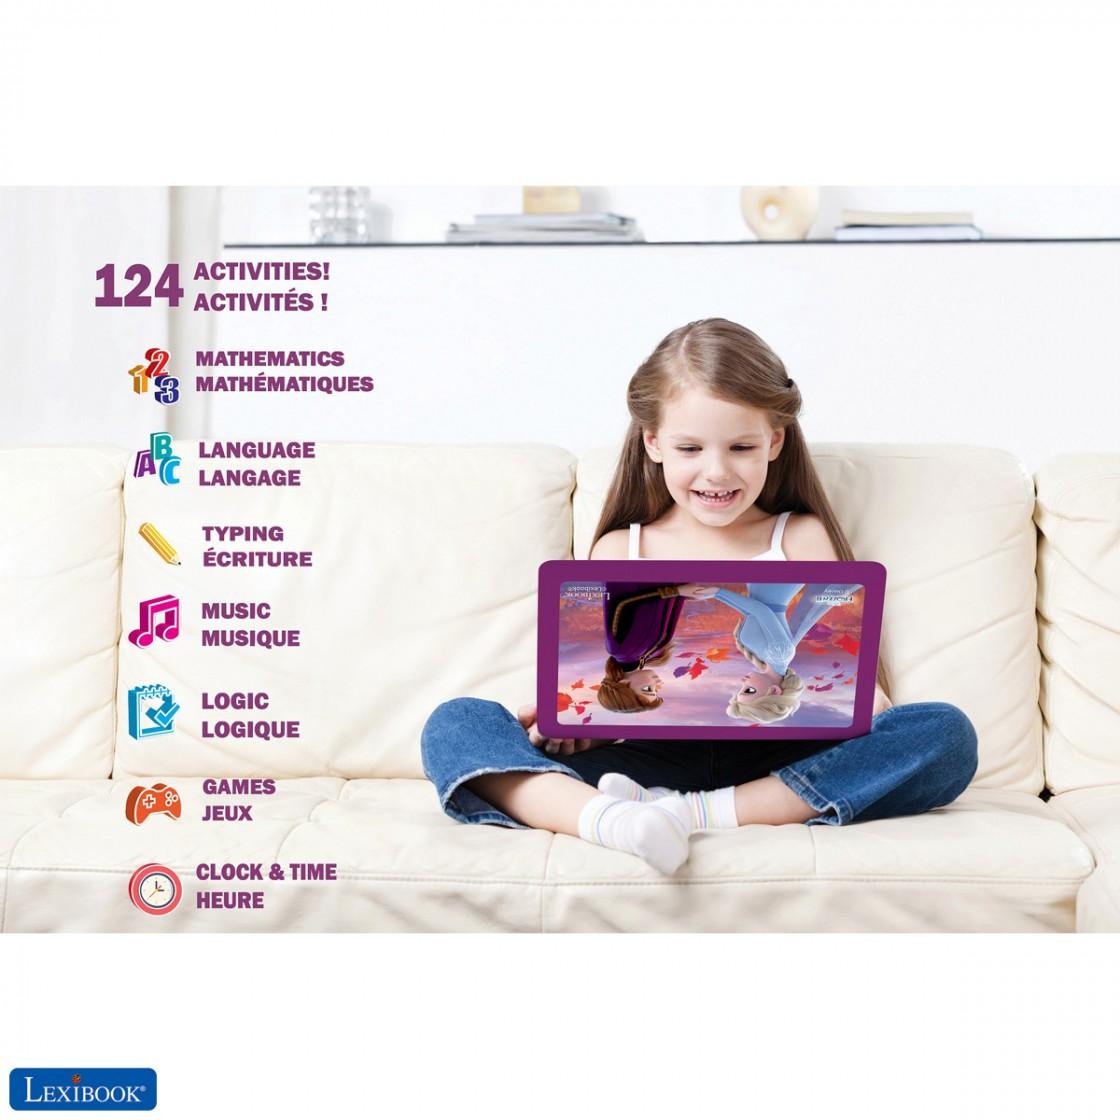 Juguete para ni/ñas con 124 Actividades para Aprender Ordenador port/átil Educativo y biling/üe espa/ñol//ingl/és Juegos y m/úsica con Elsa y Anna LEXIBOOK- Disney Frozen 2 Azul//P/úrpura